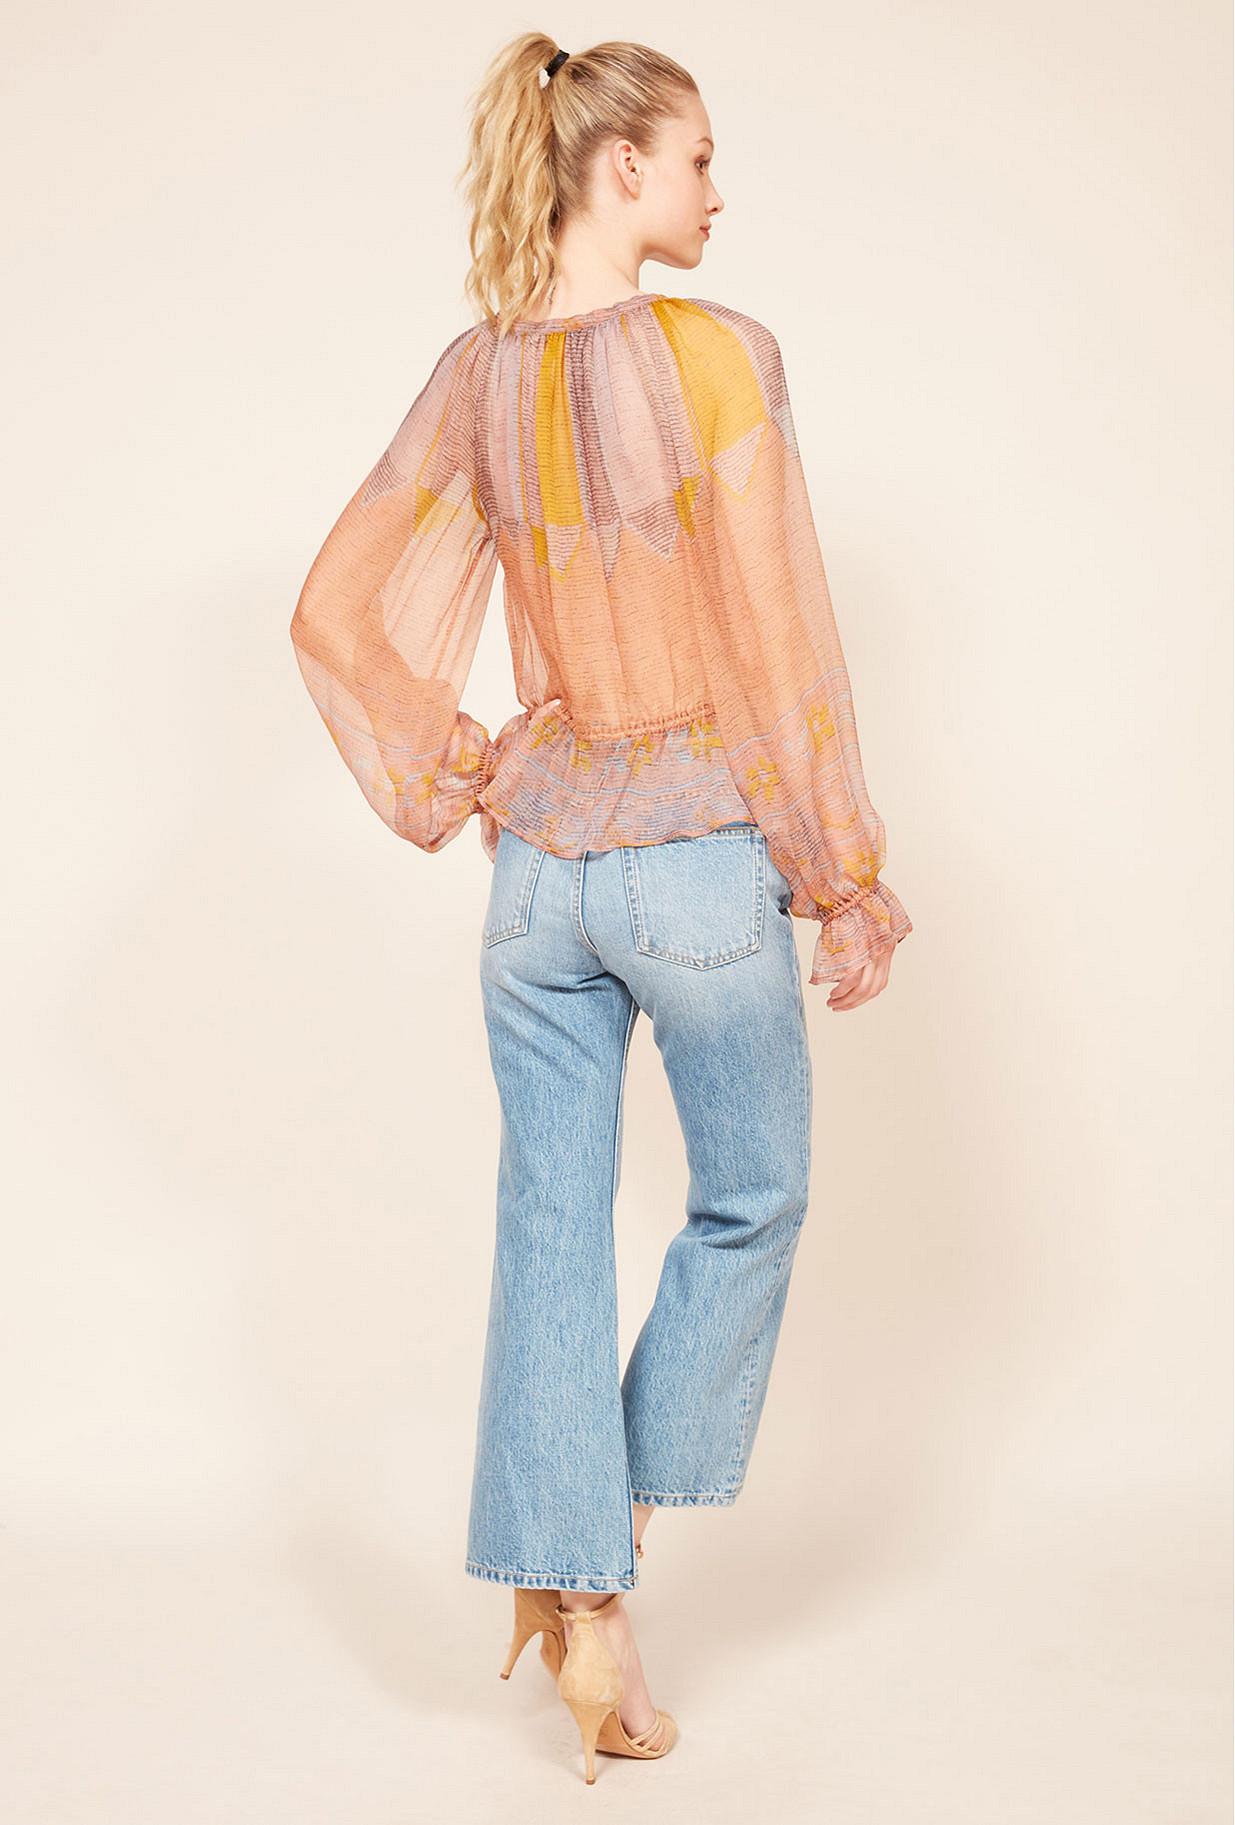 Paris clothes store Blouse  Balao french designer fashion Paris